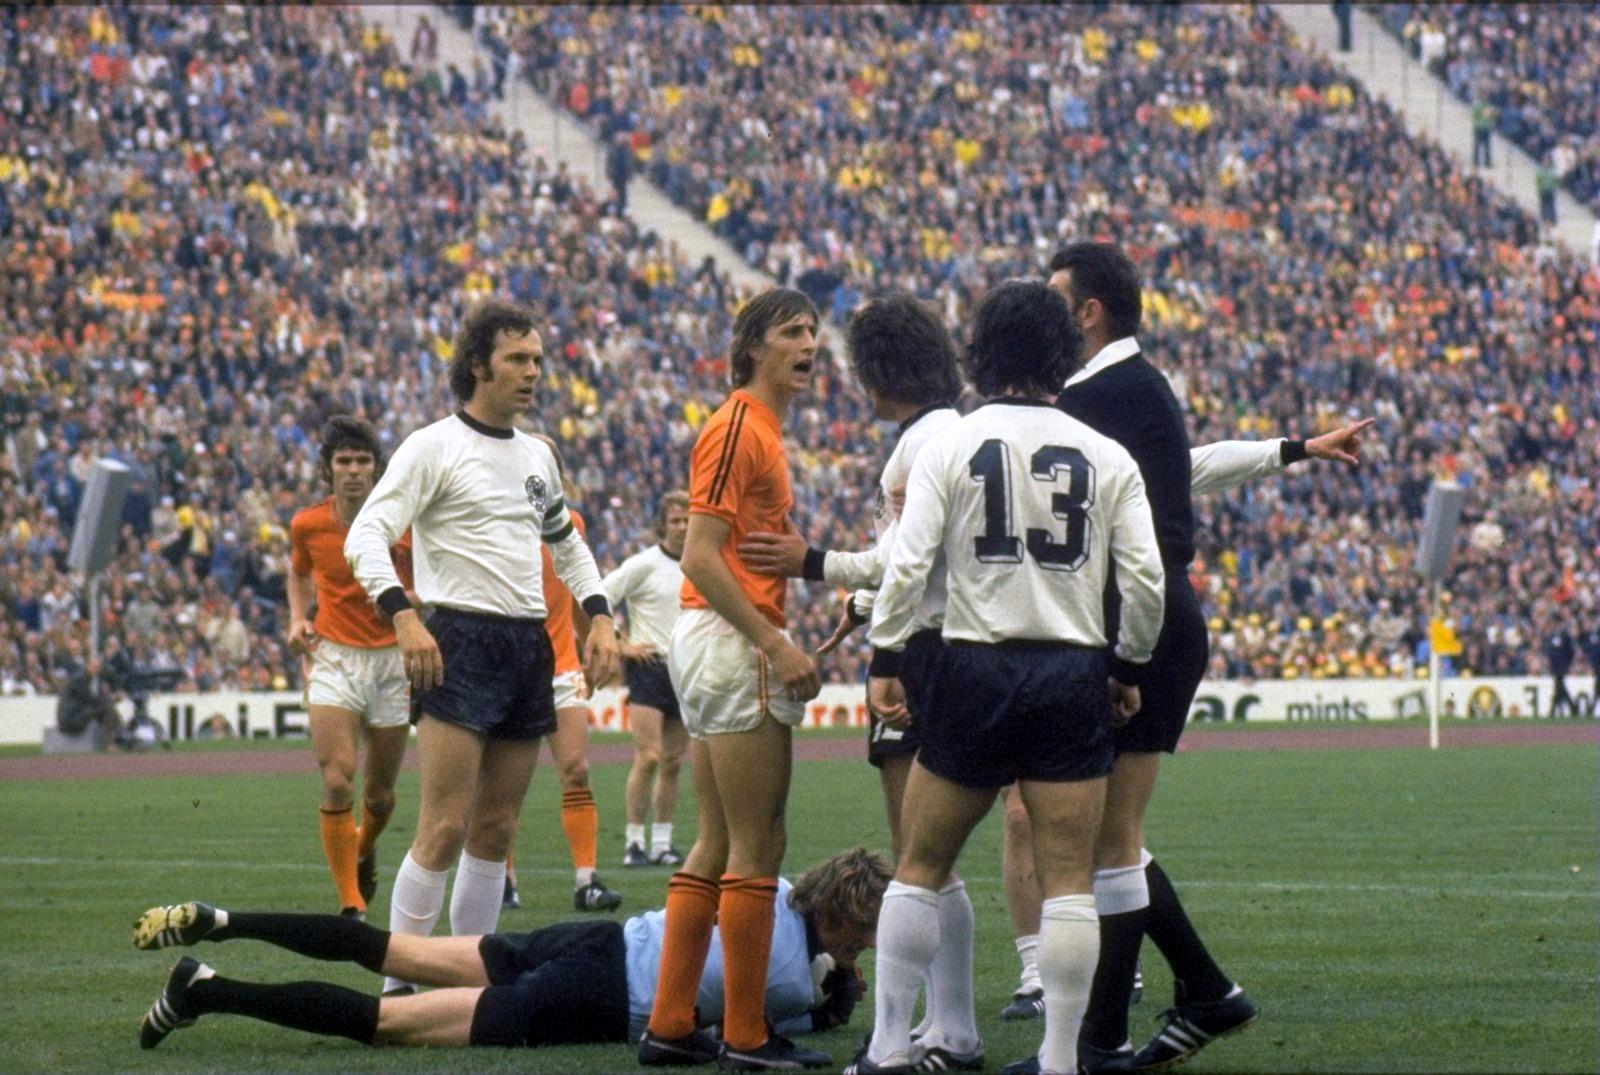 wchd-1974-finale-arbisdfdsfdf